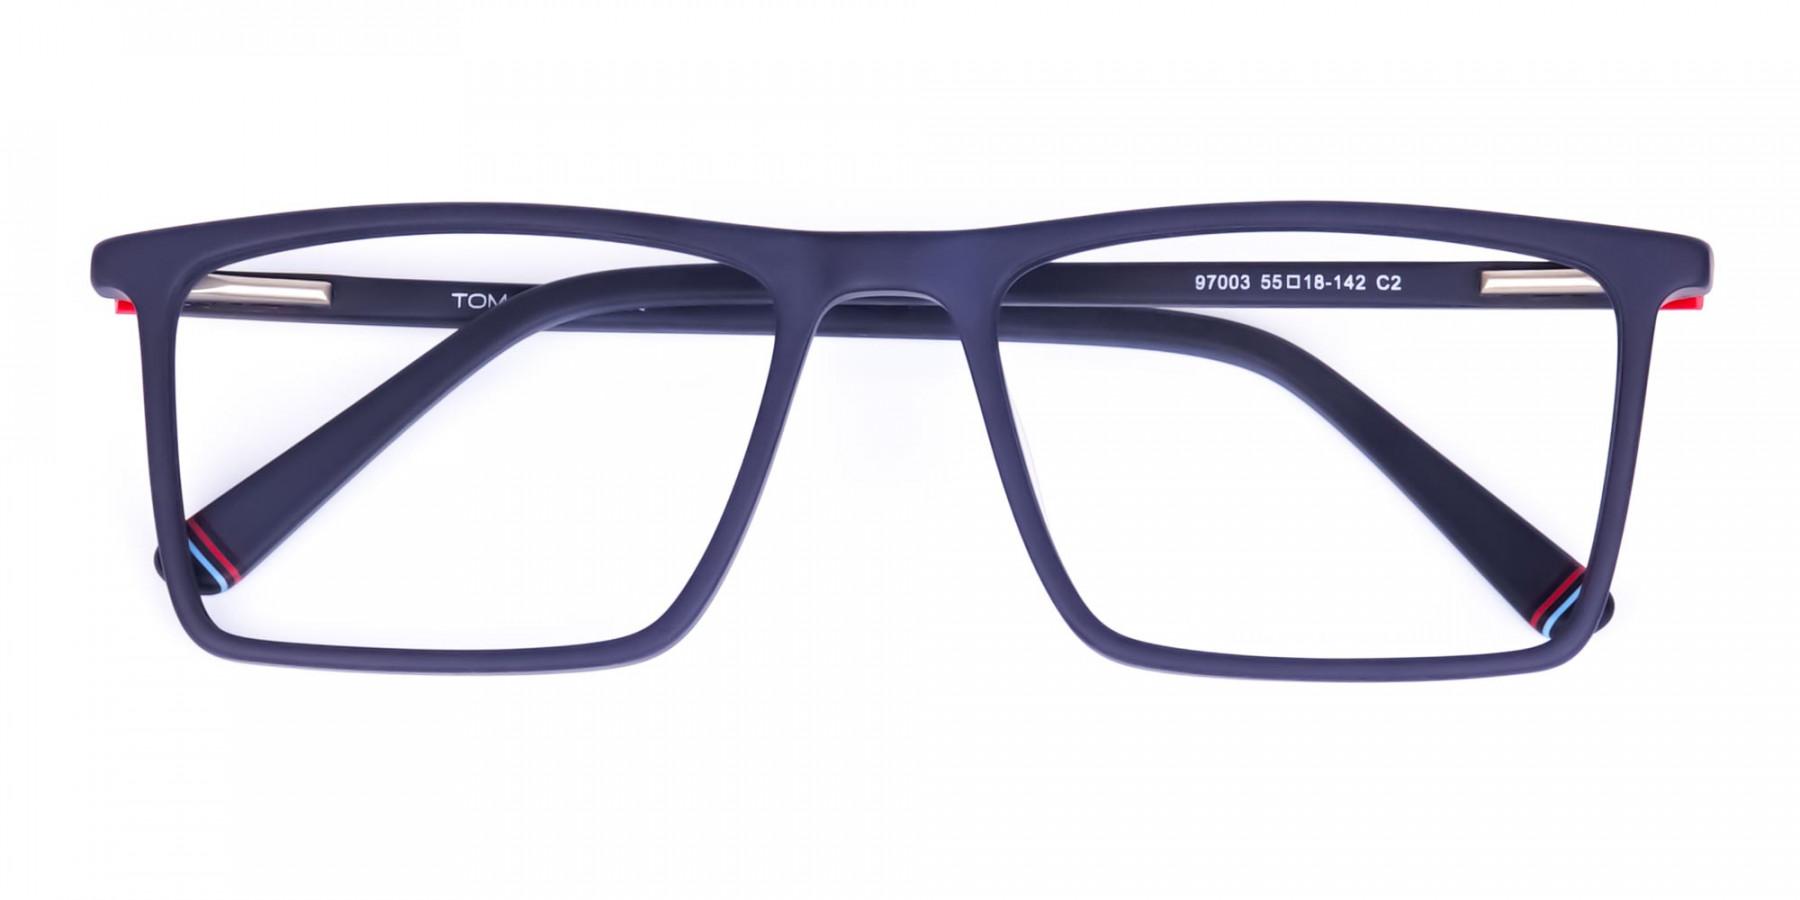 Matte-Black-Full-Rim-Rectangular-Glasses-1